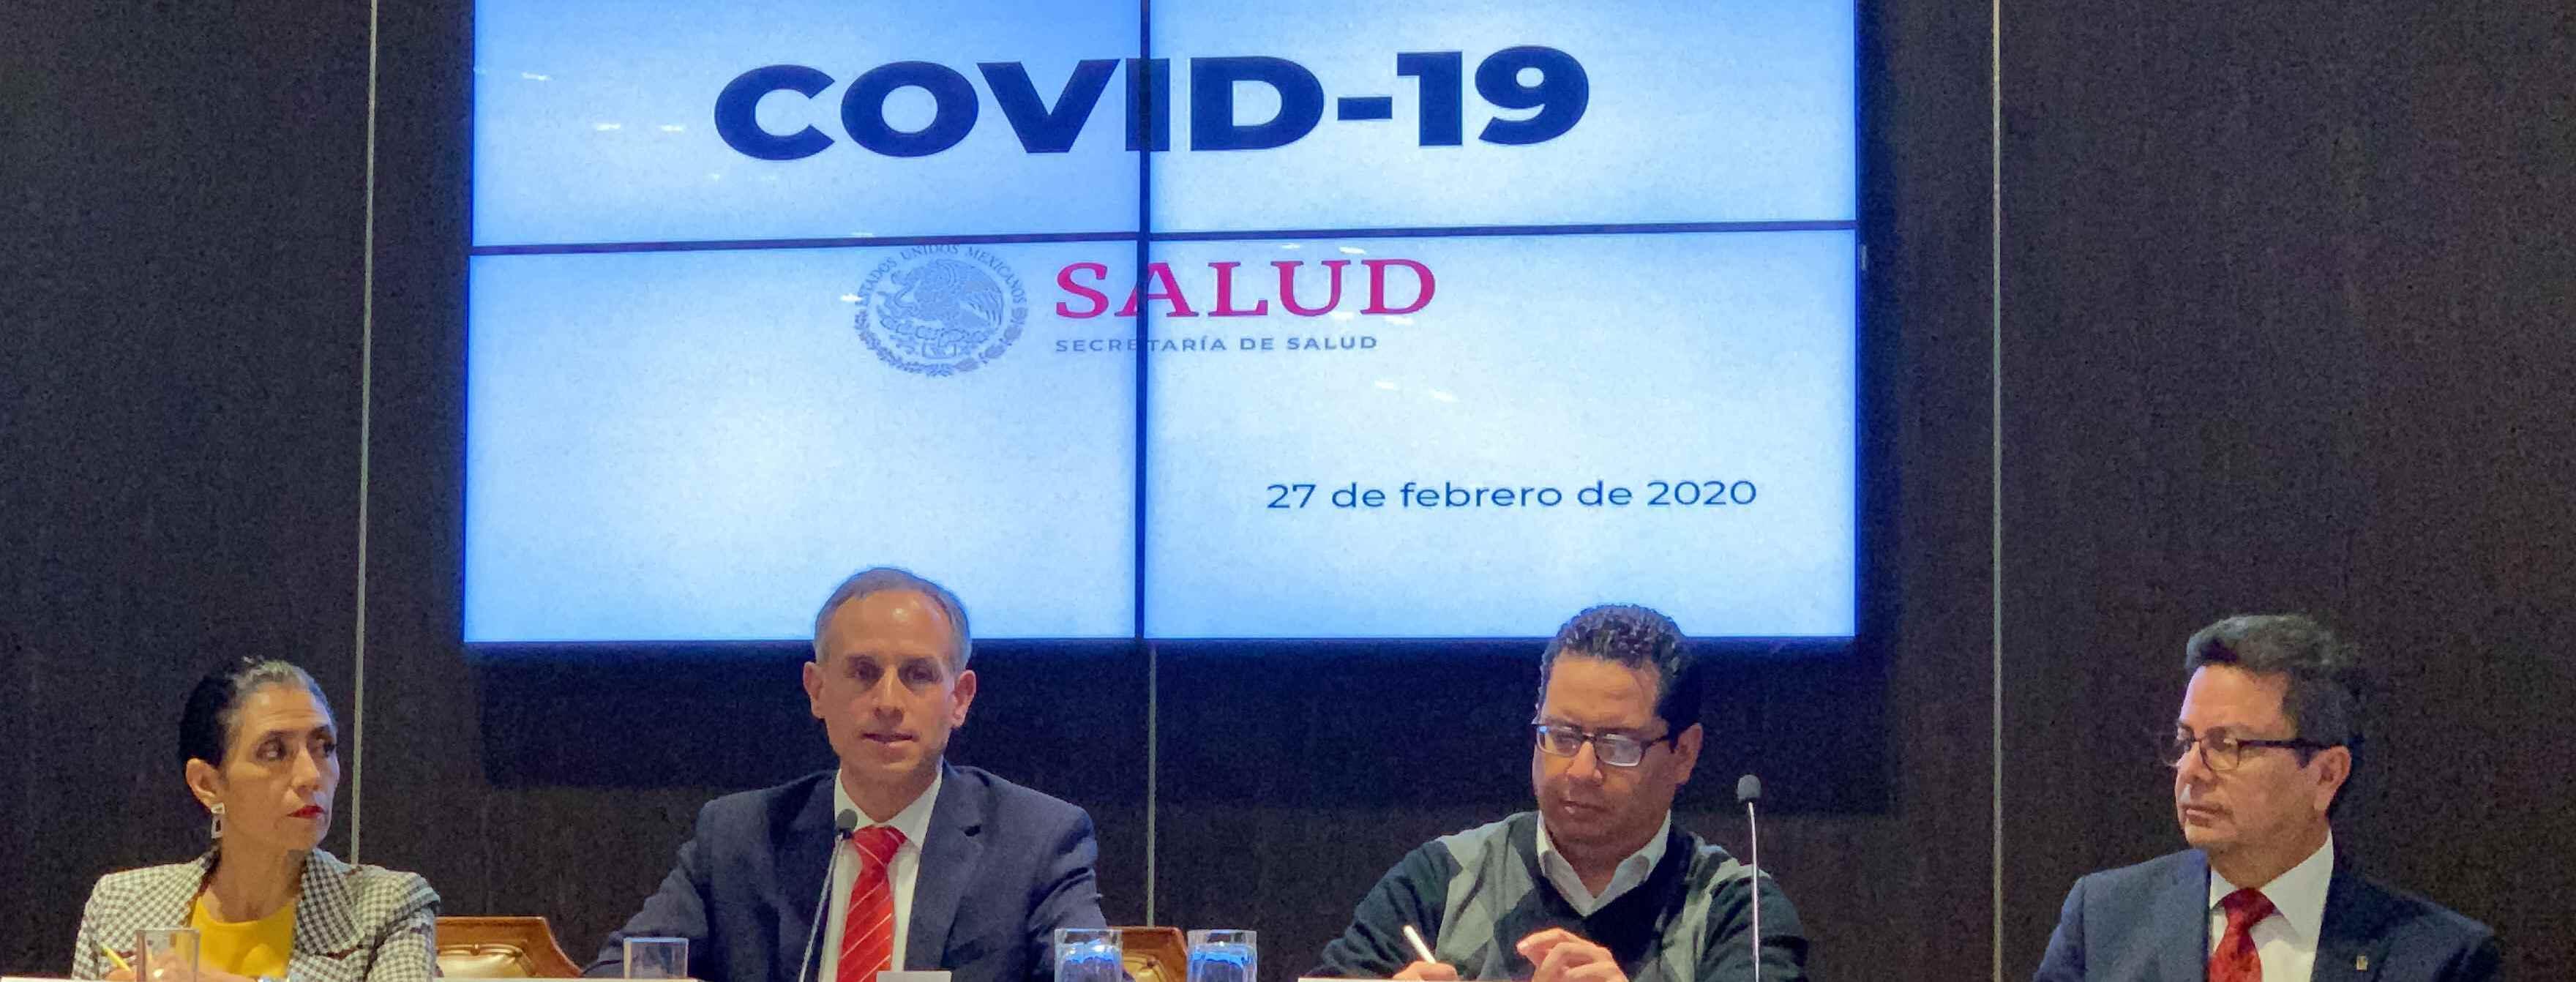 No es necesario hospital especializado para atender COVID-19: Salud